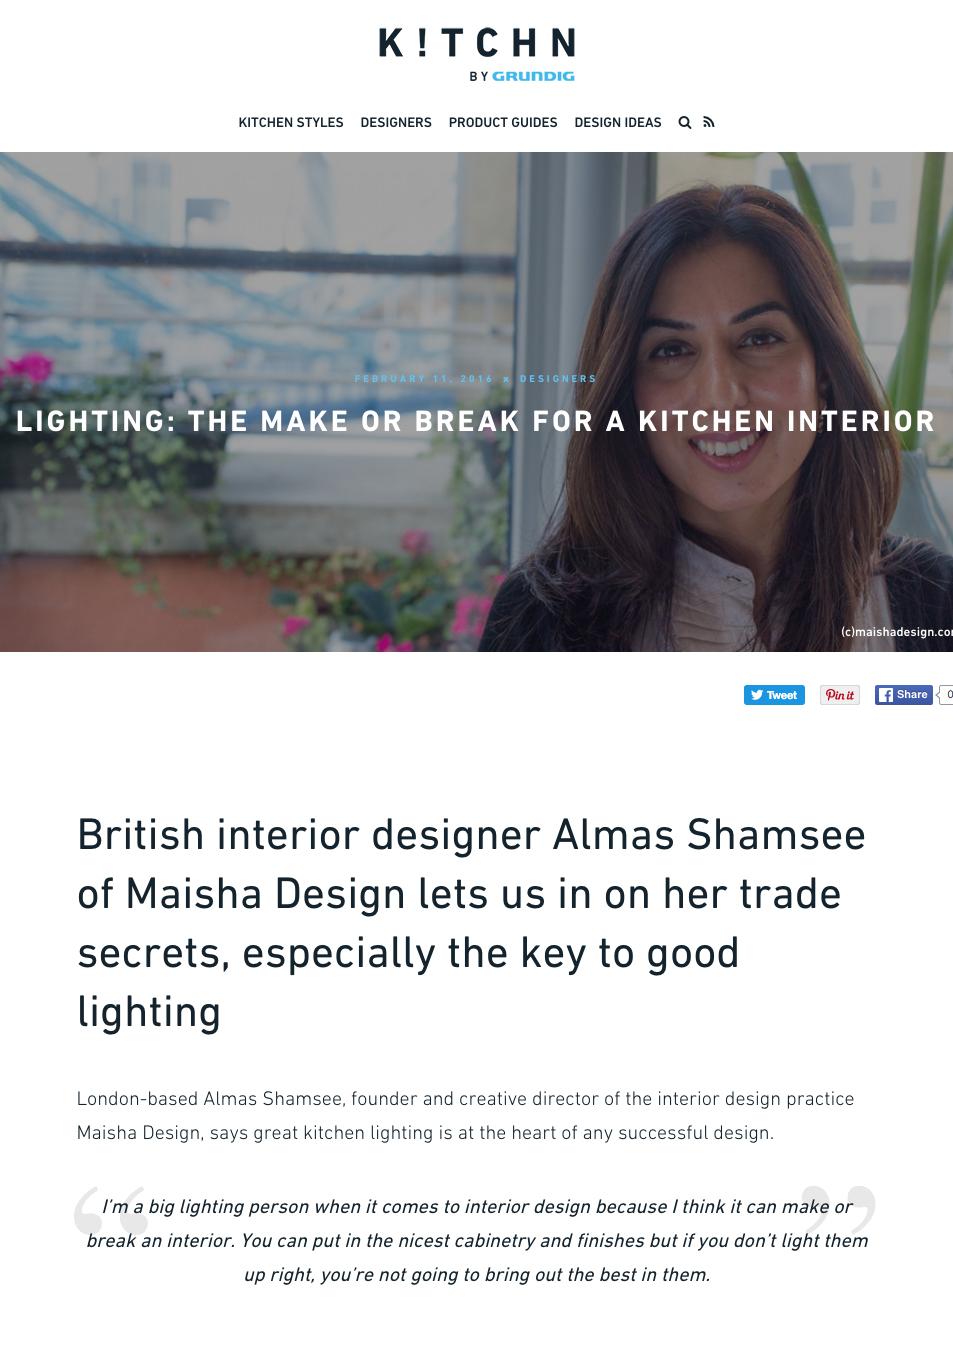 ktchnmag-com-2016-02-11-lighting-the-make-or-break-for-a-kitchen-interior-1460468219961.jpg